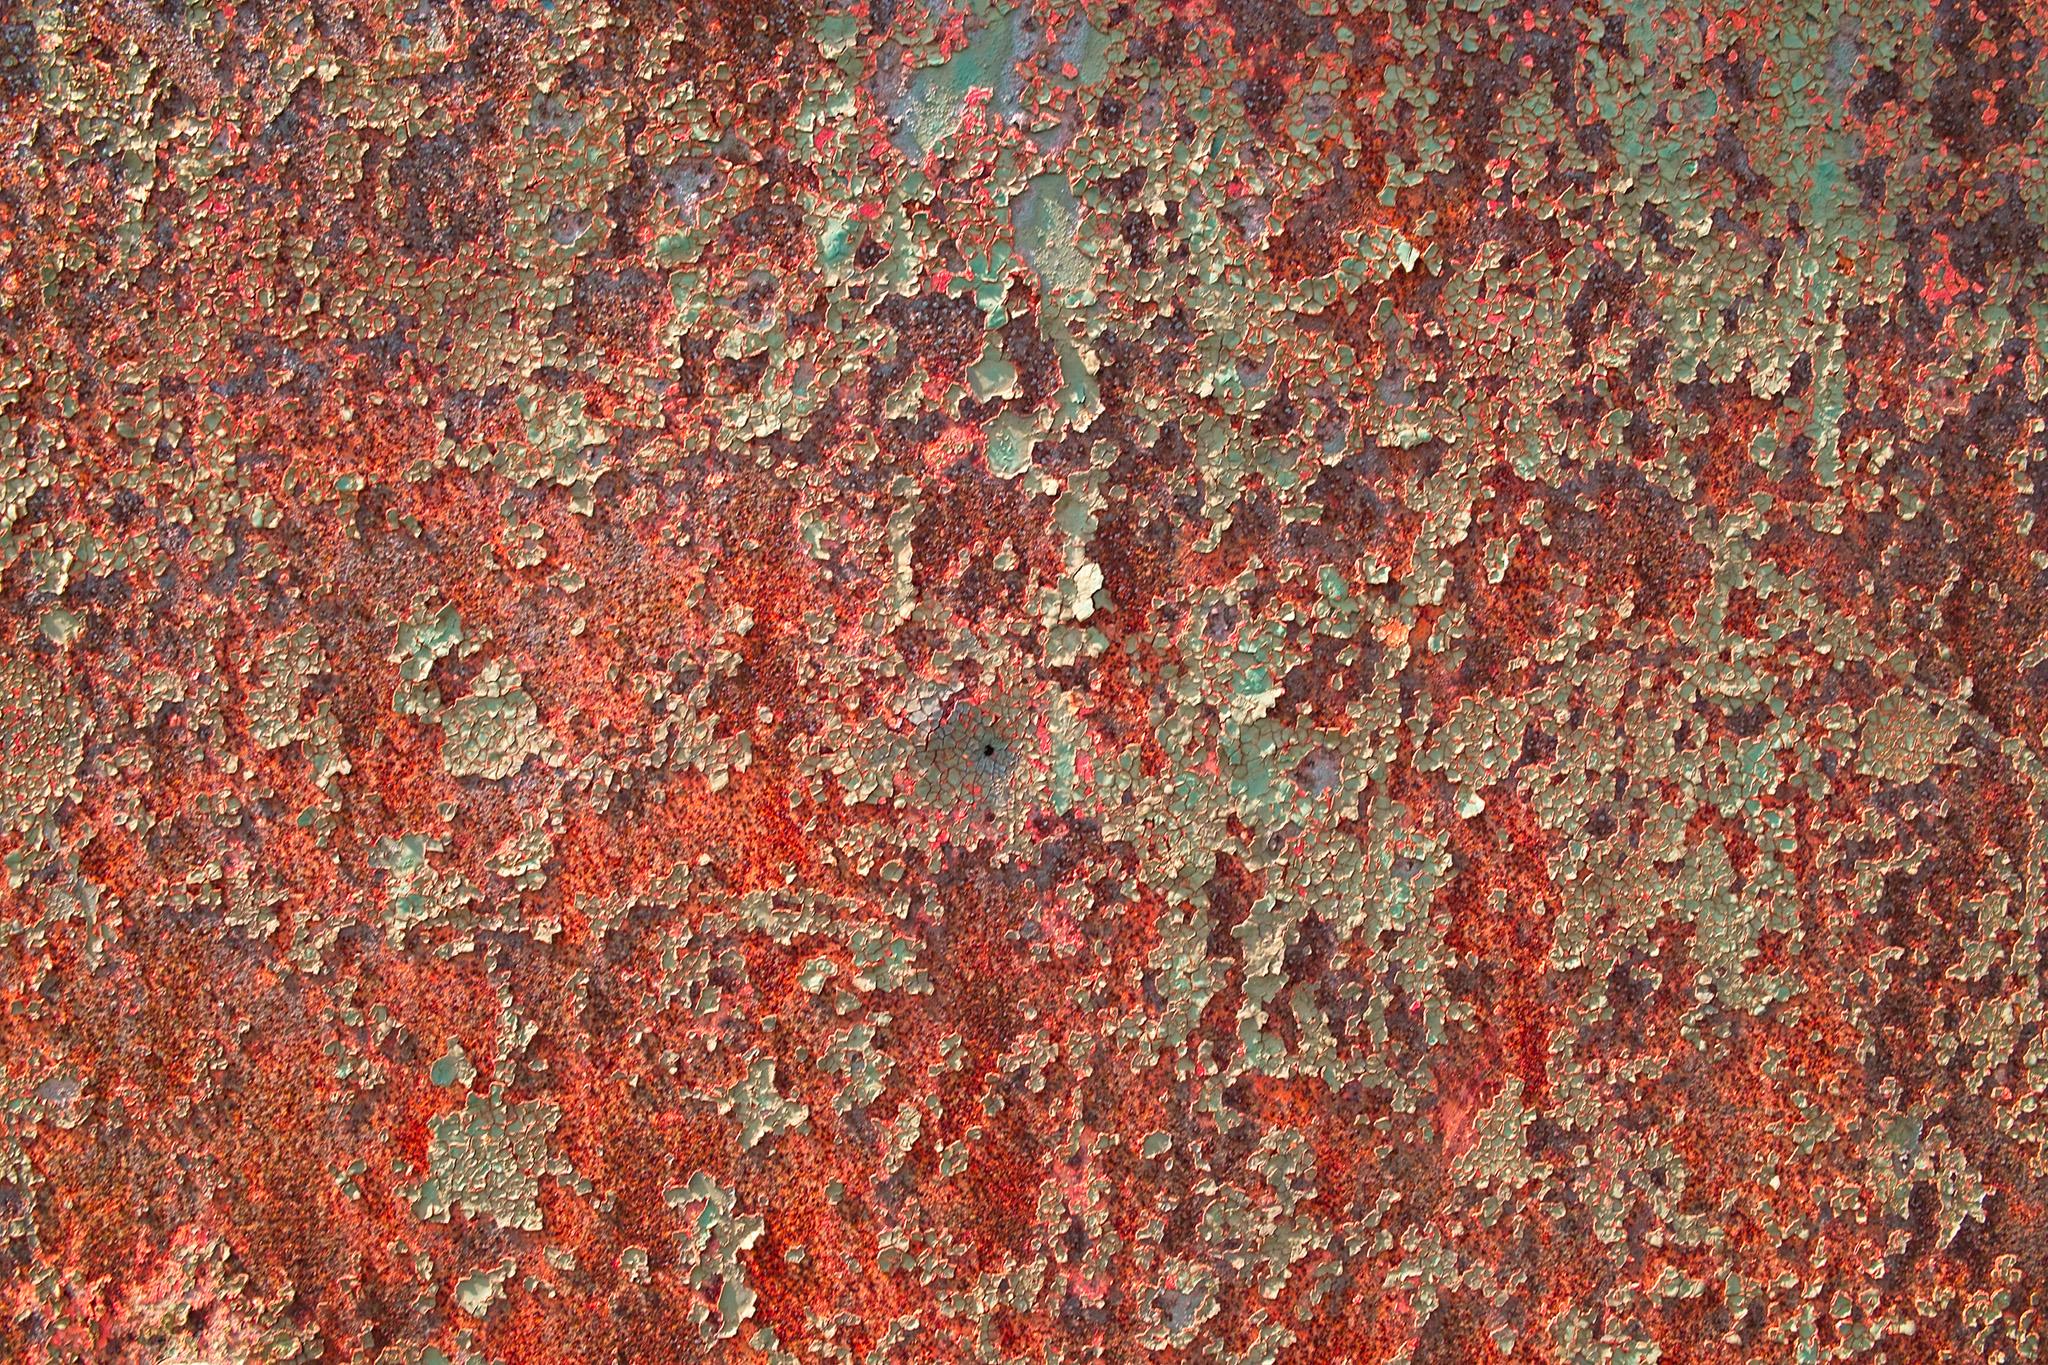 「錆びて塗装が剥がれた金属」の素材を無料ダウンロード